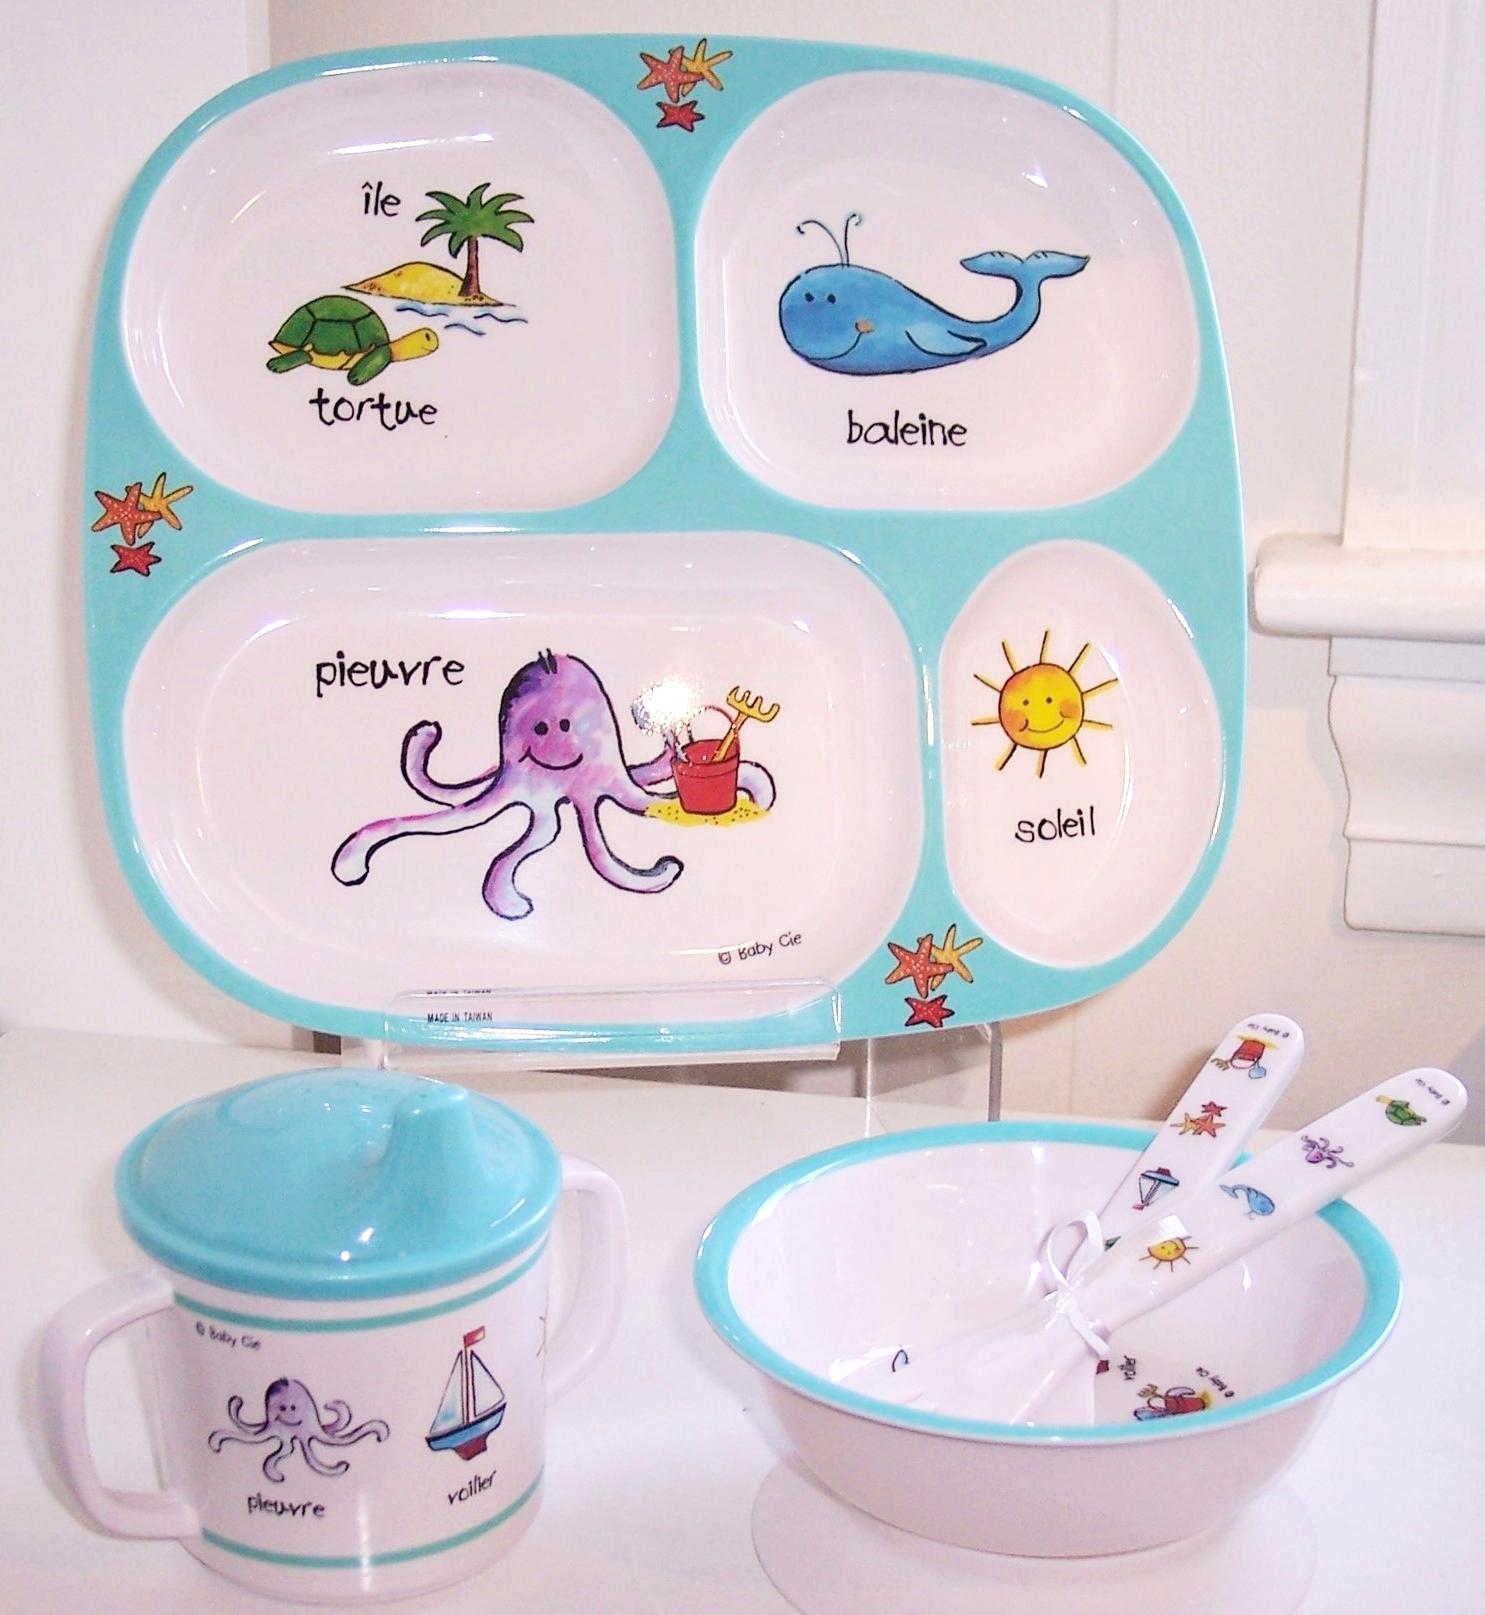 Baby Cie Children's Tableware